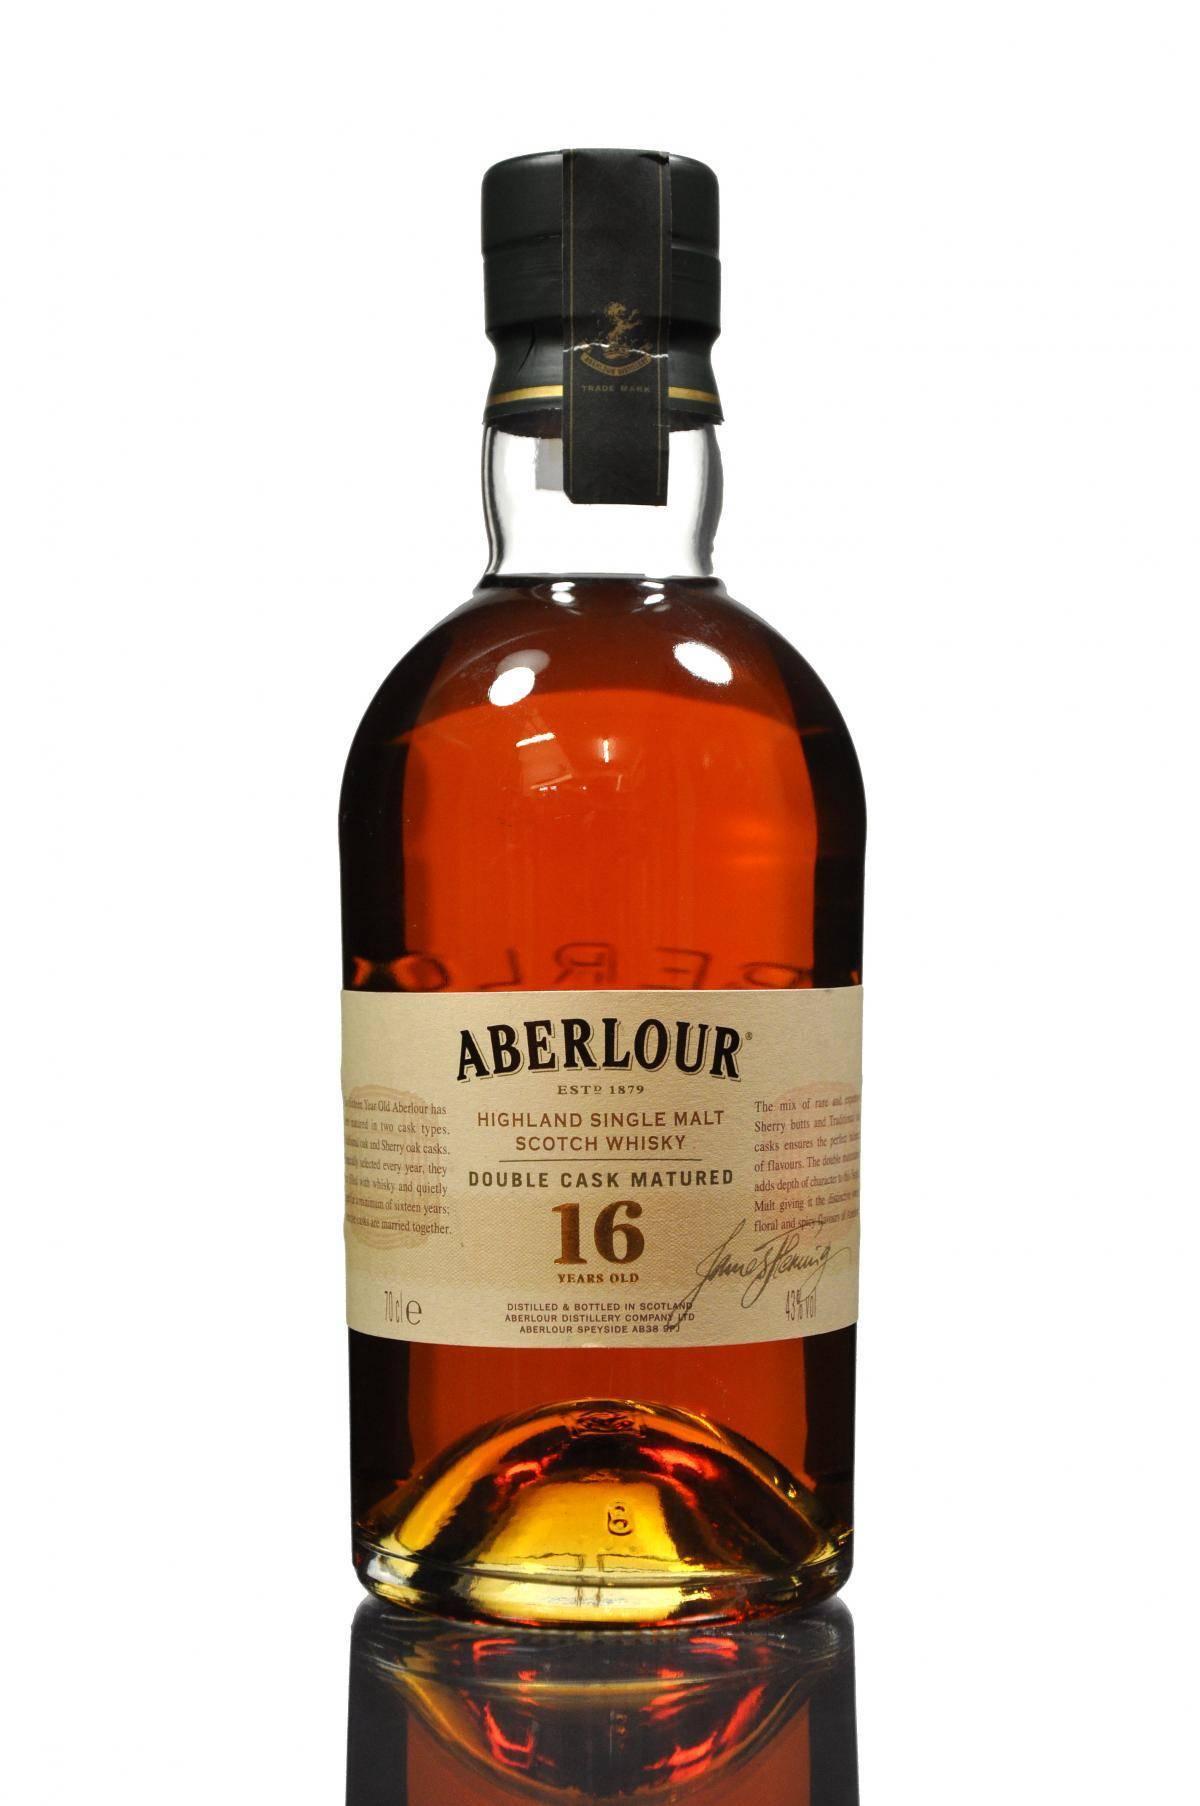 Виски aberlour (аберлауэр): история бренда, особенности технологии и обзол линейки - международная платформа для барменов inshaker